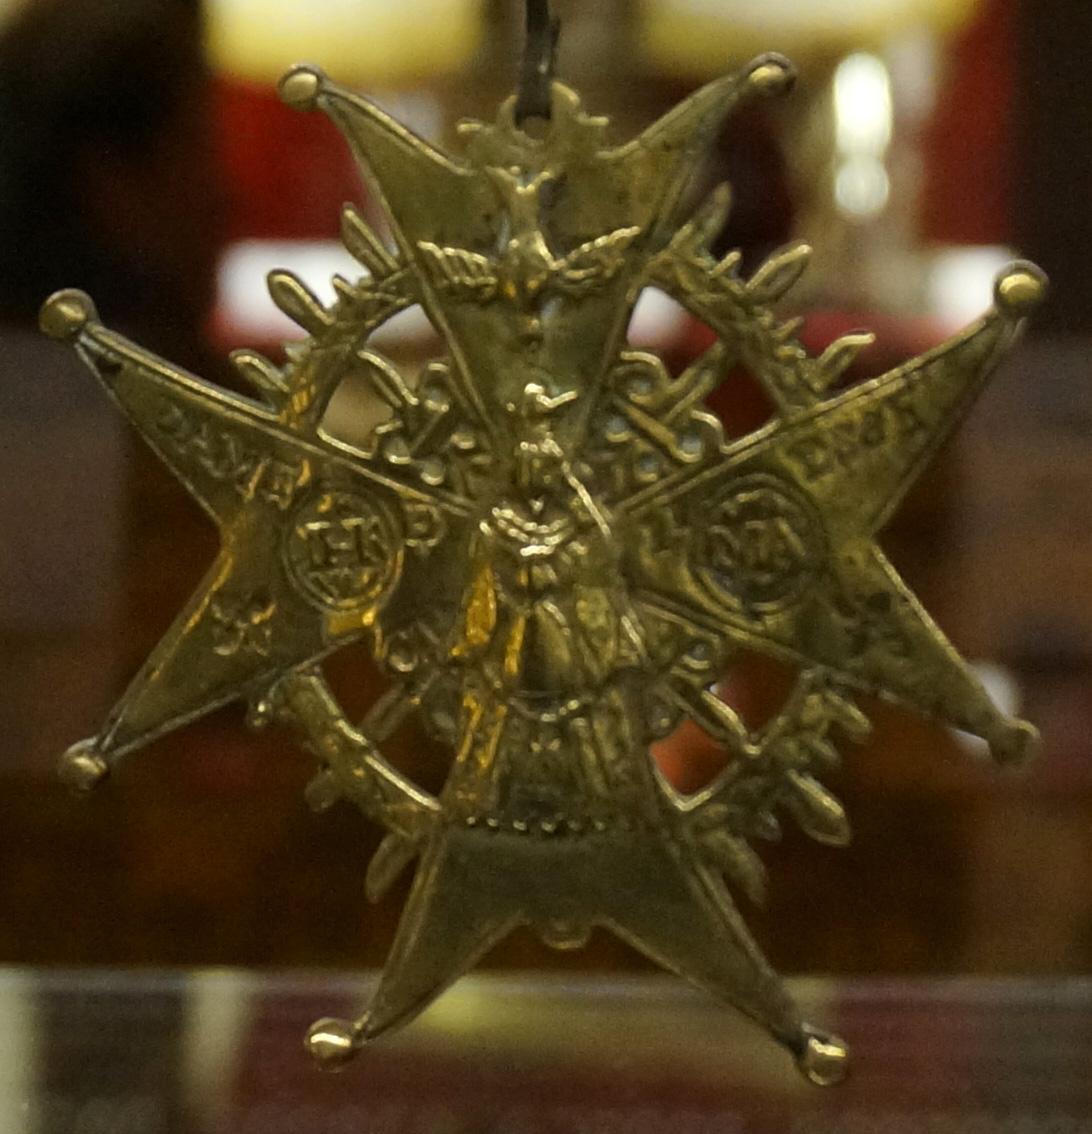 Croix_de_confrérie_Notre_Dame_de_Liesse_02169 Our Lady of Joy